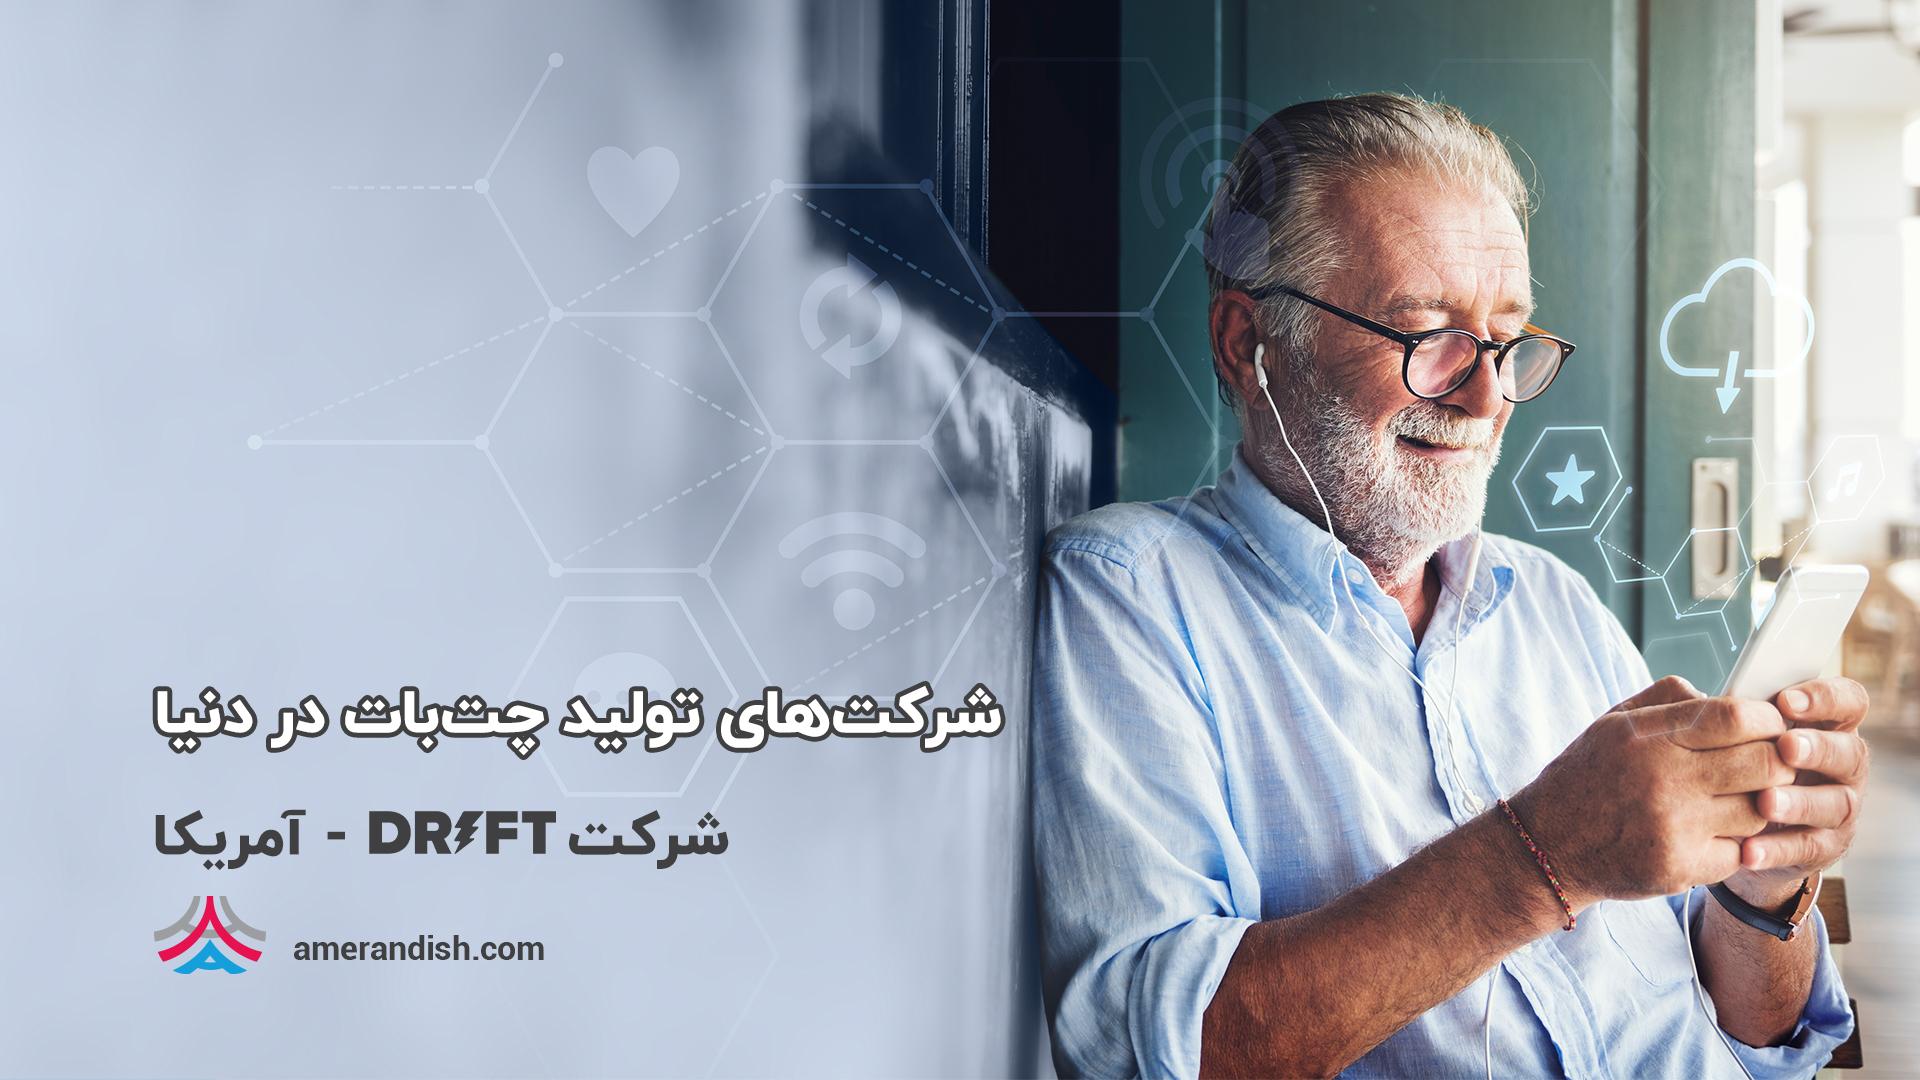 معرفی شرکت Drift | دریفت یک شرکت مطرح در زمینه تولید چتبات در دنیا است